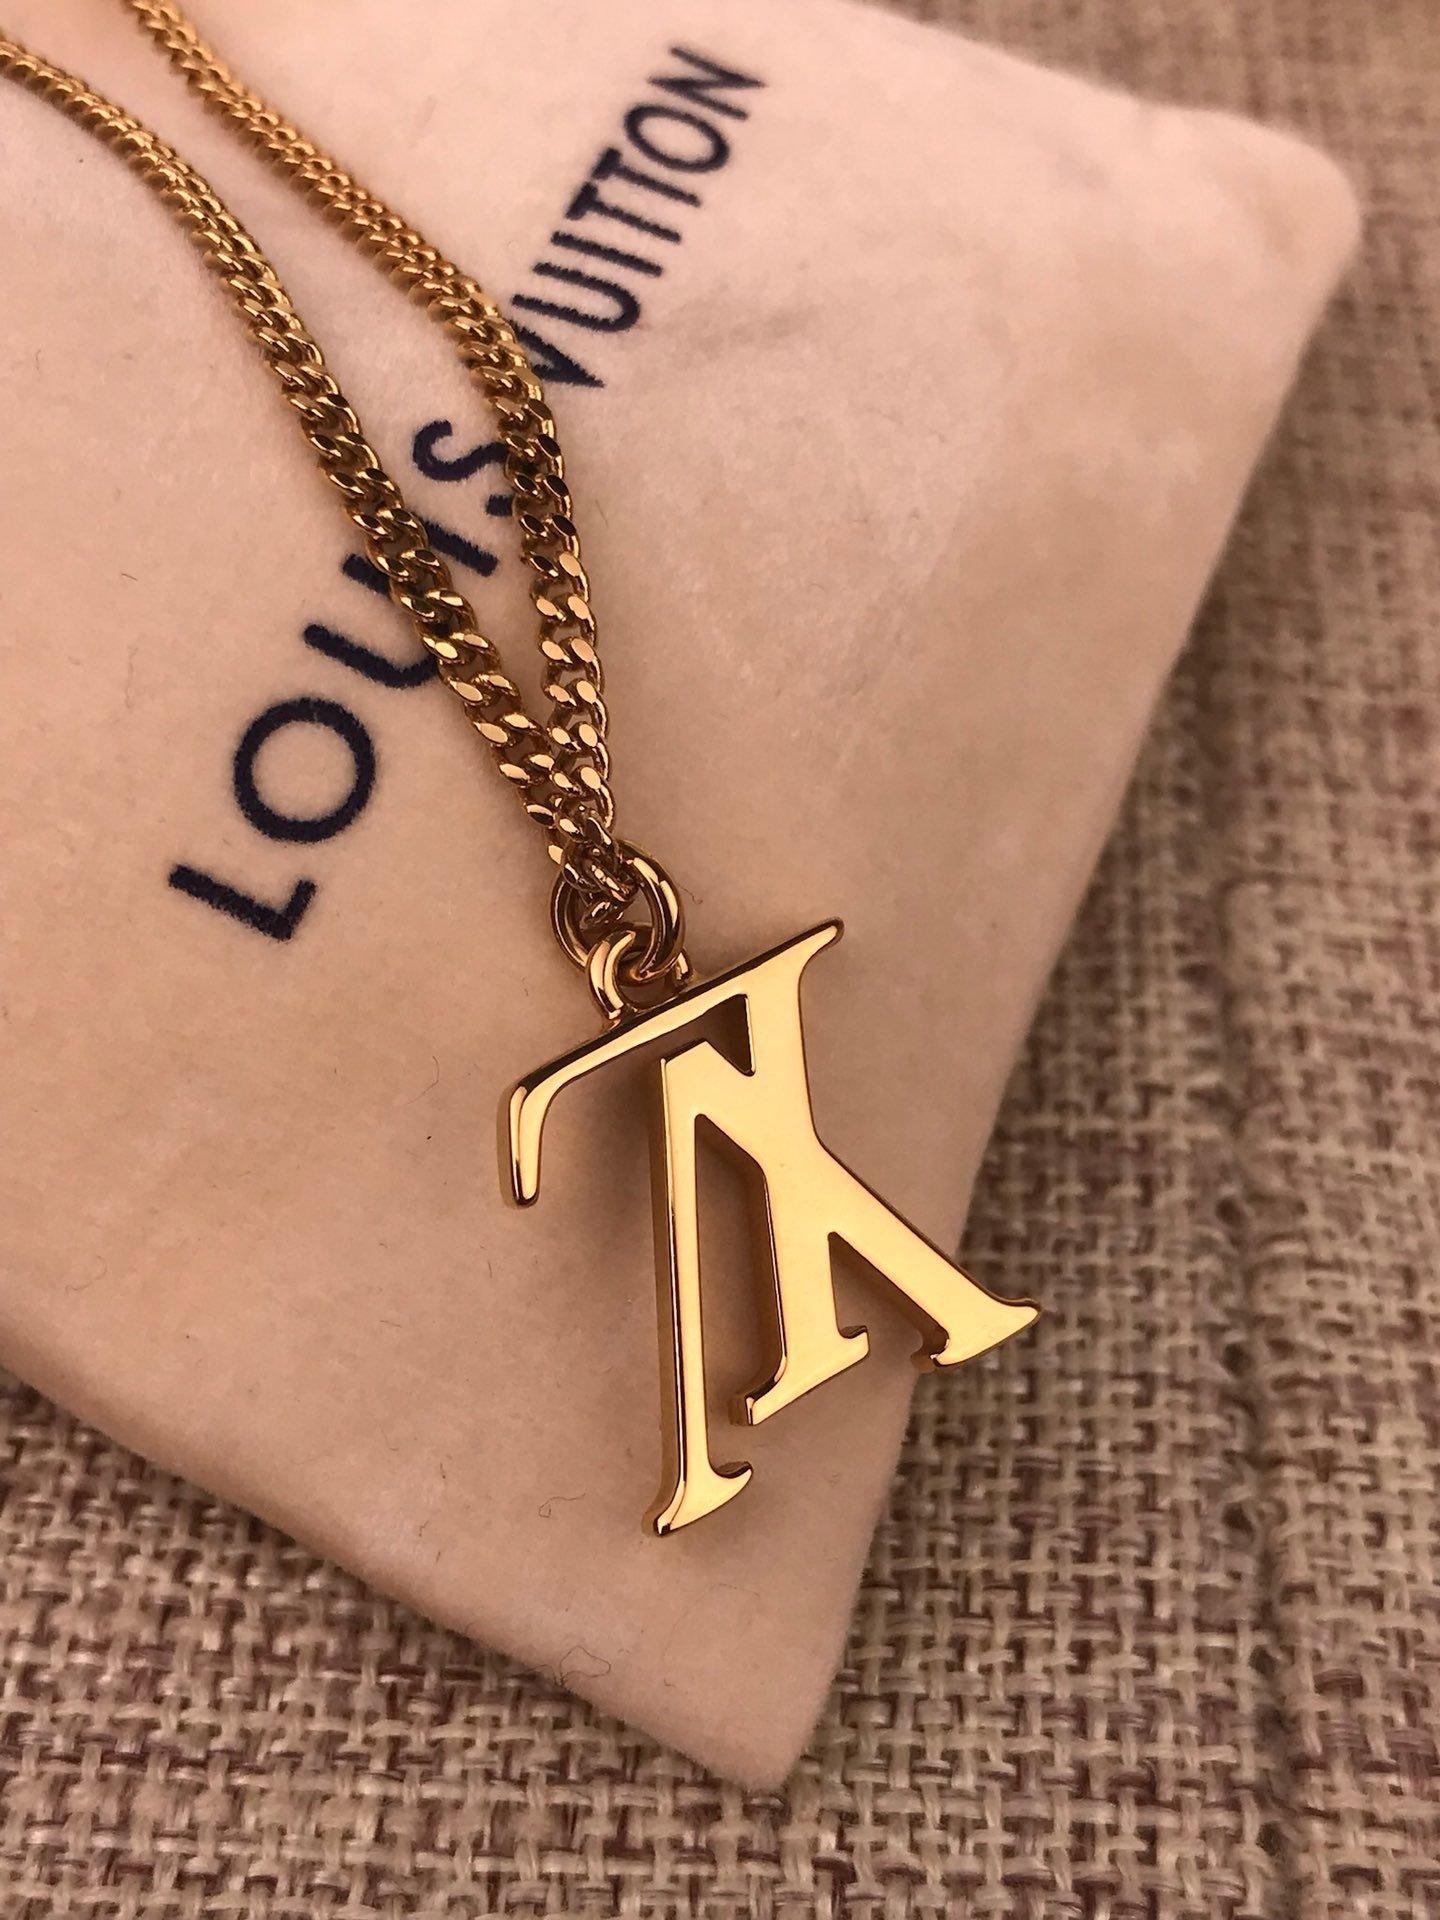 LOUISVuitton tasarımcı takı hip hop tasarımcı kolye kelebek kolye mens 14k altın zincir baş harfi P8 dışarı buzlu